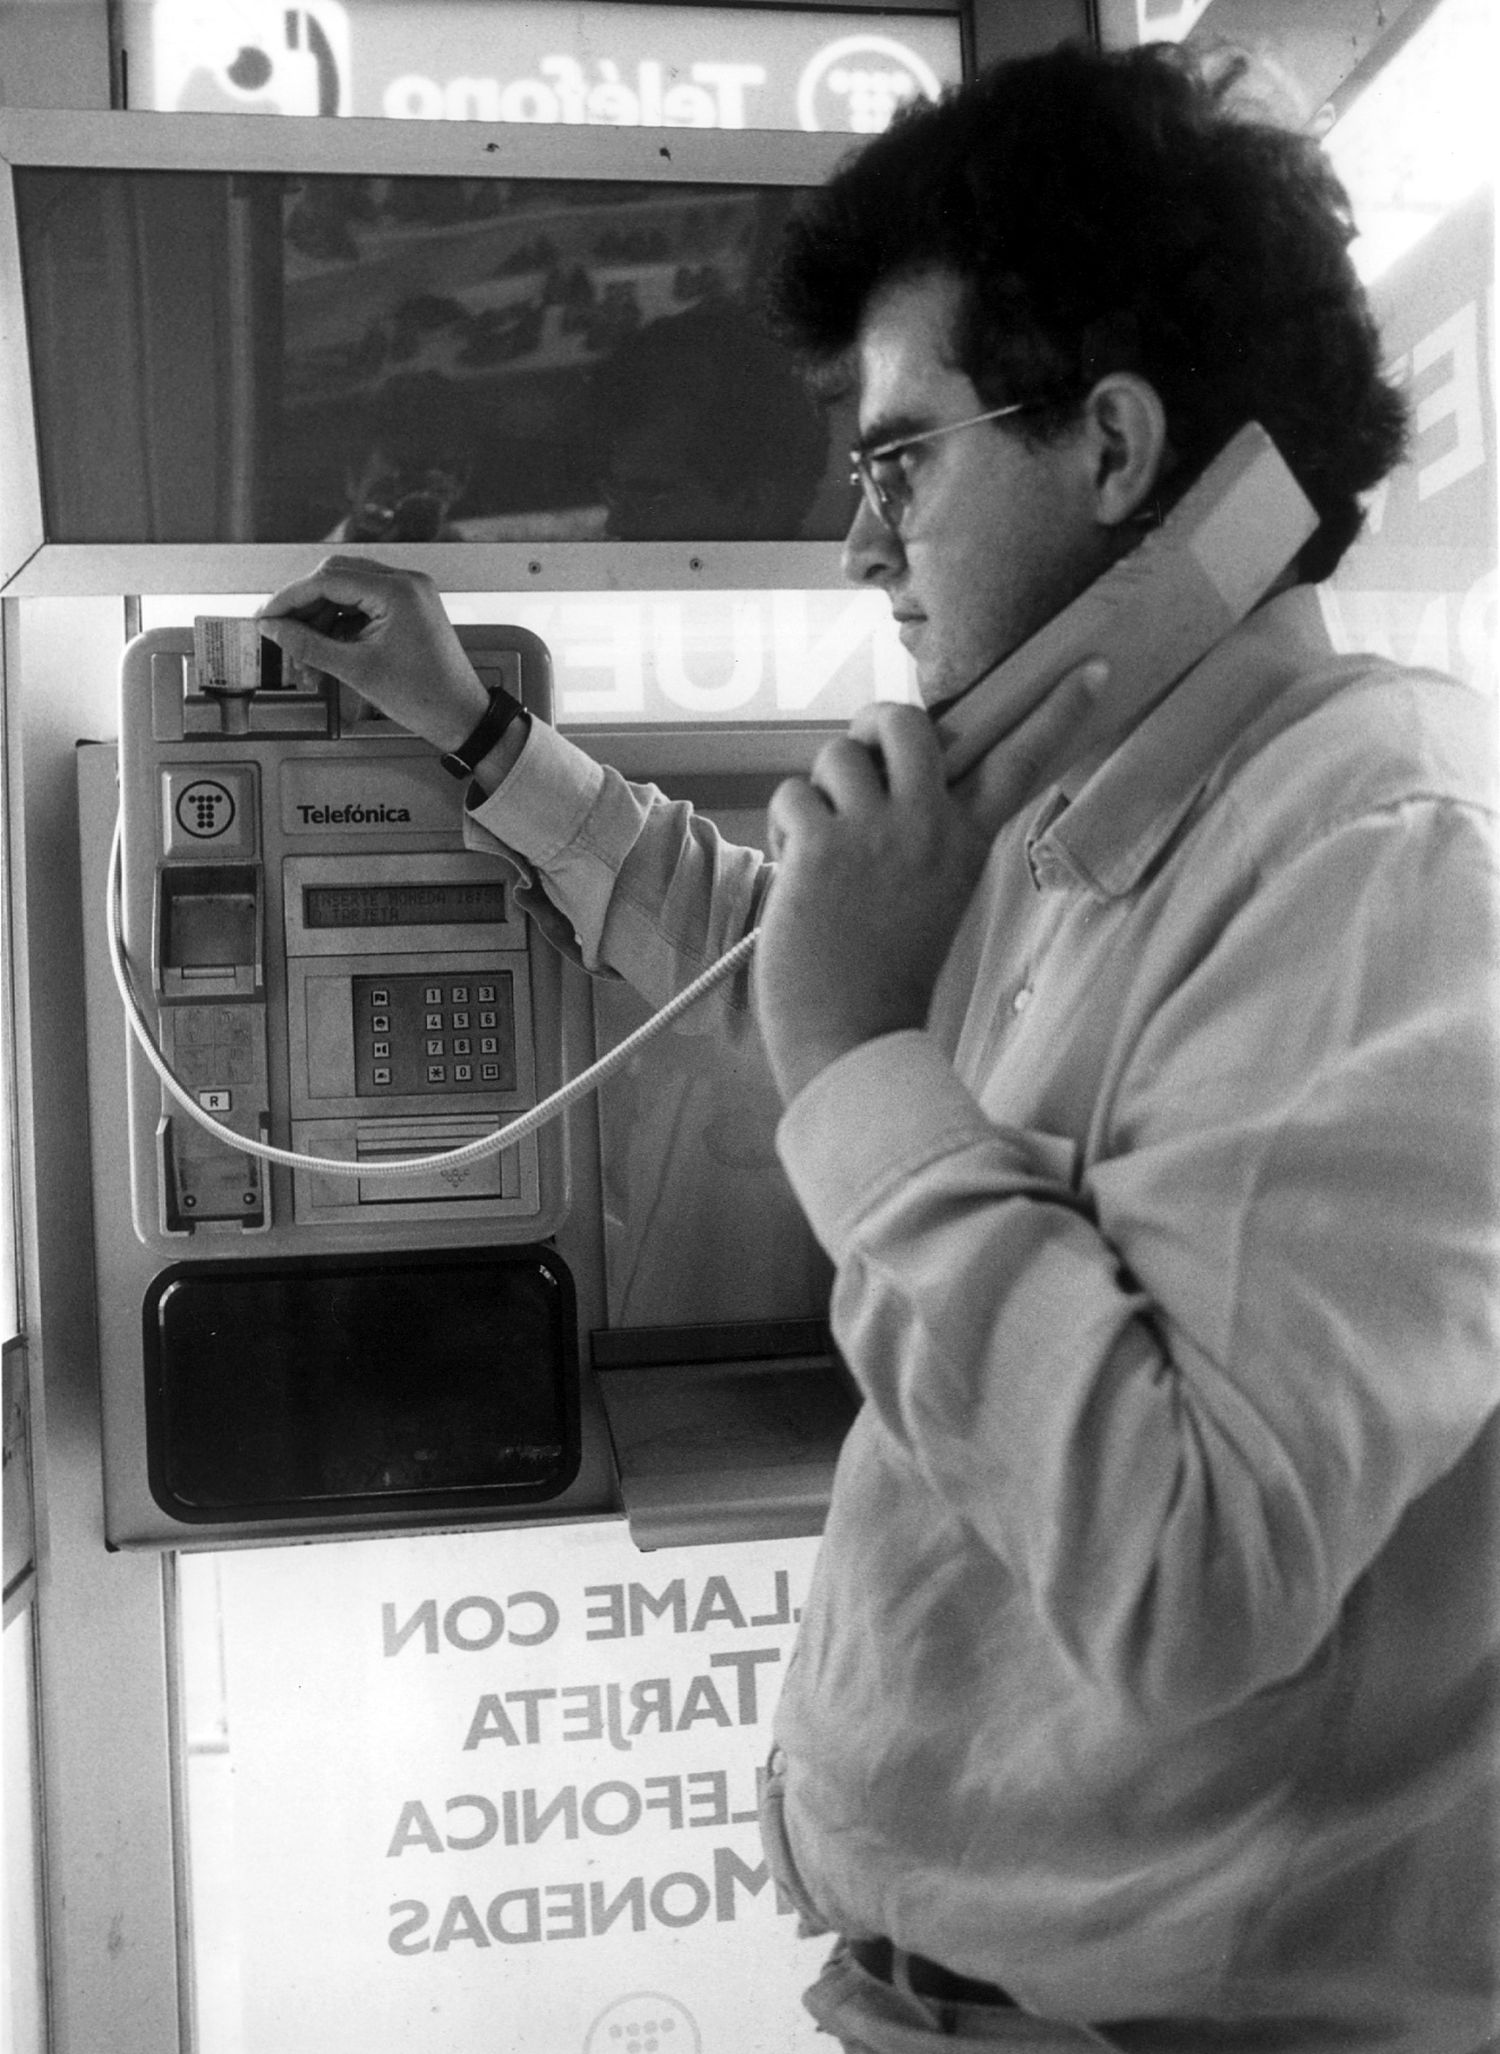 Un usuario se dispone a usar una nueva cabina de Telefónica fabricada para evitar robos y actos vandálicos en 1991.